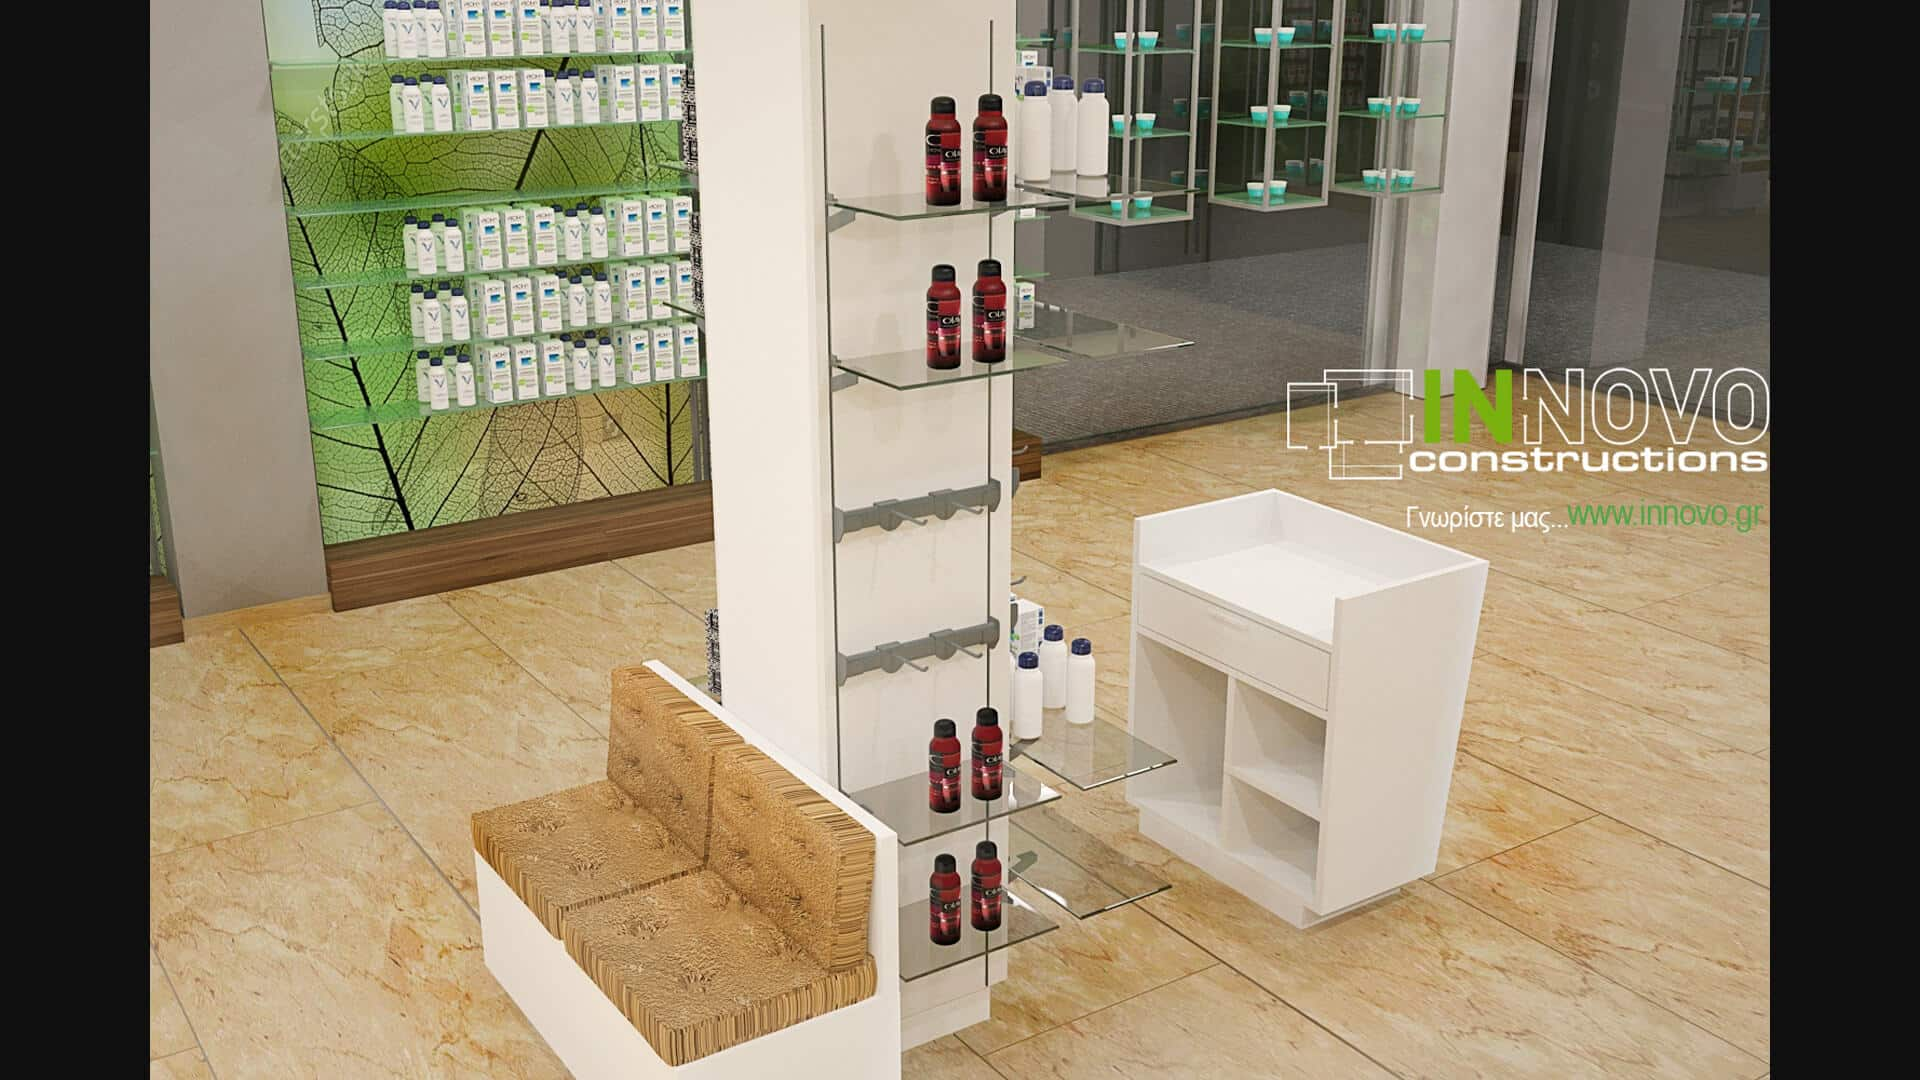 Σχεδιασμός φαρμακείου στο Νέο Ηράκλειο από την Innovo